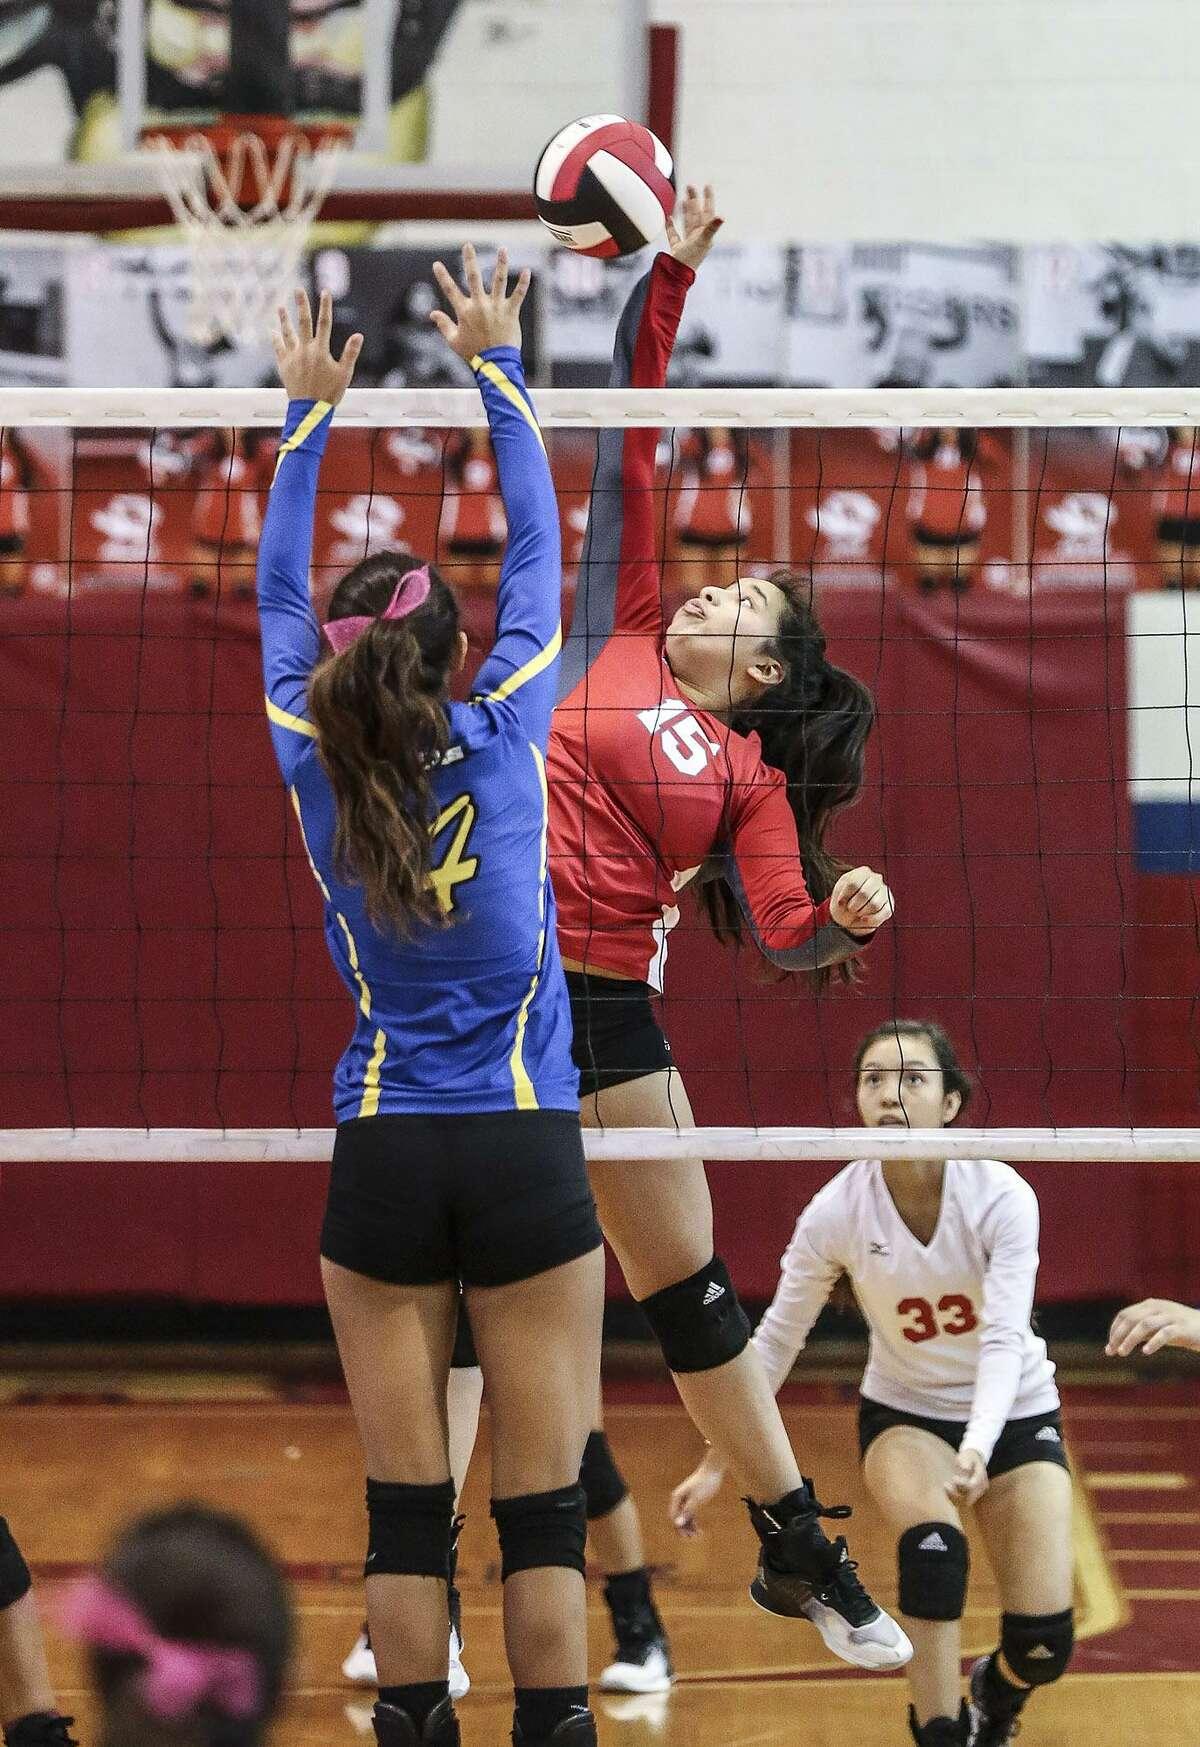 District 29-5A: Volleyball Laredo Martin, Laredo Cigarroa, Gregory-Portland, CC Tuloso-Midway, CC Flour Bluff, CC Calallen, Alice